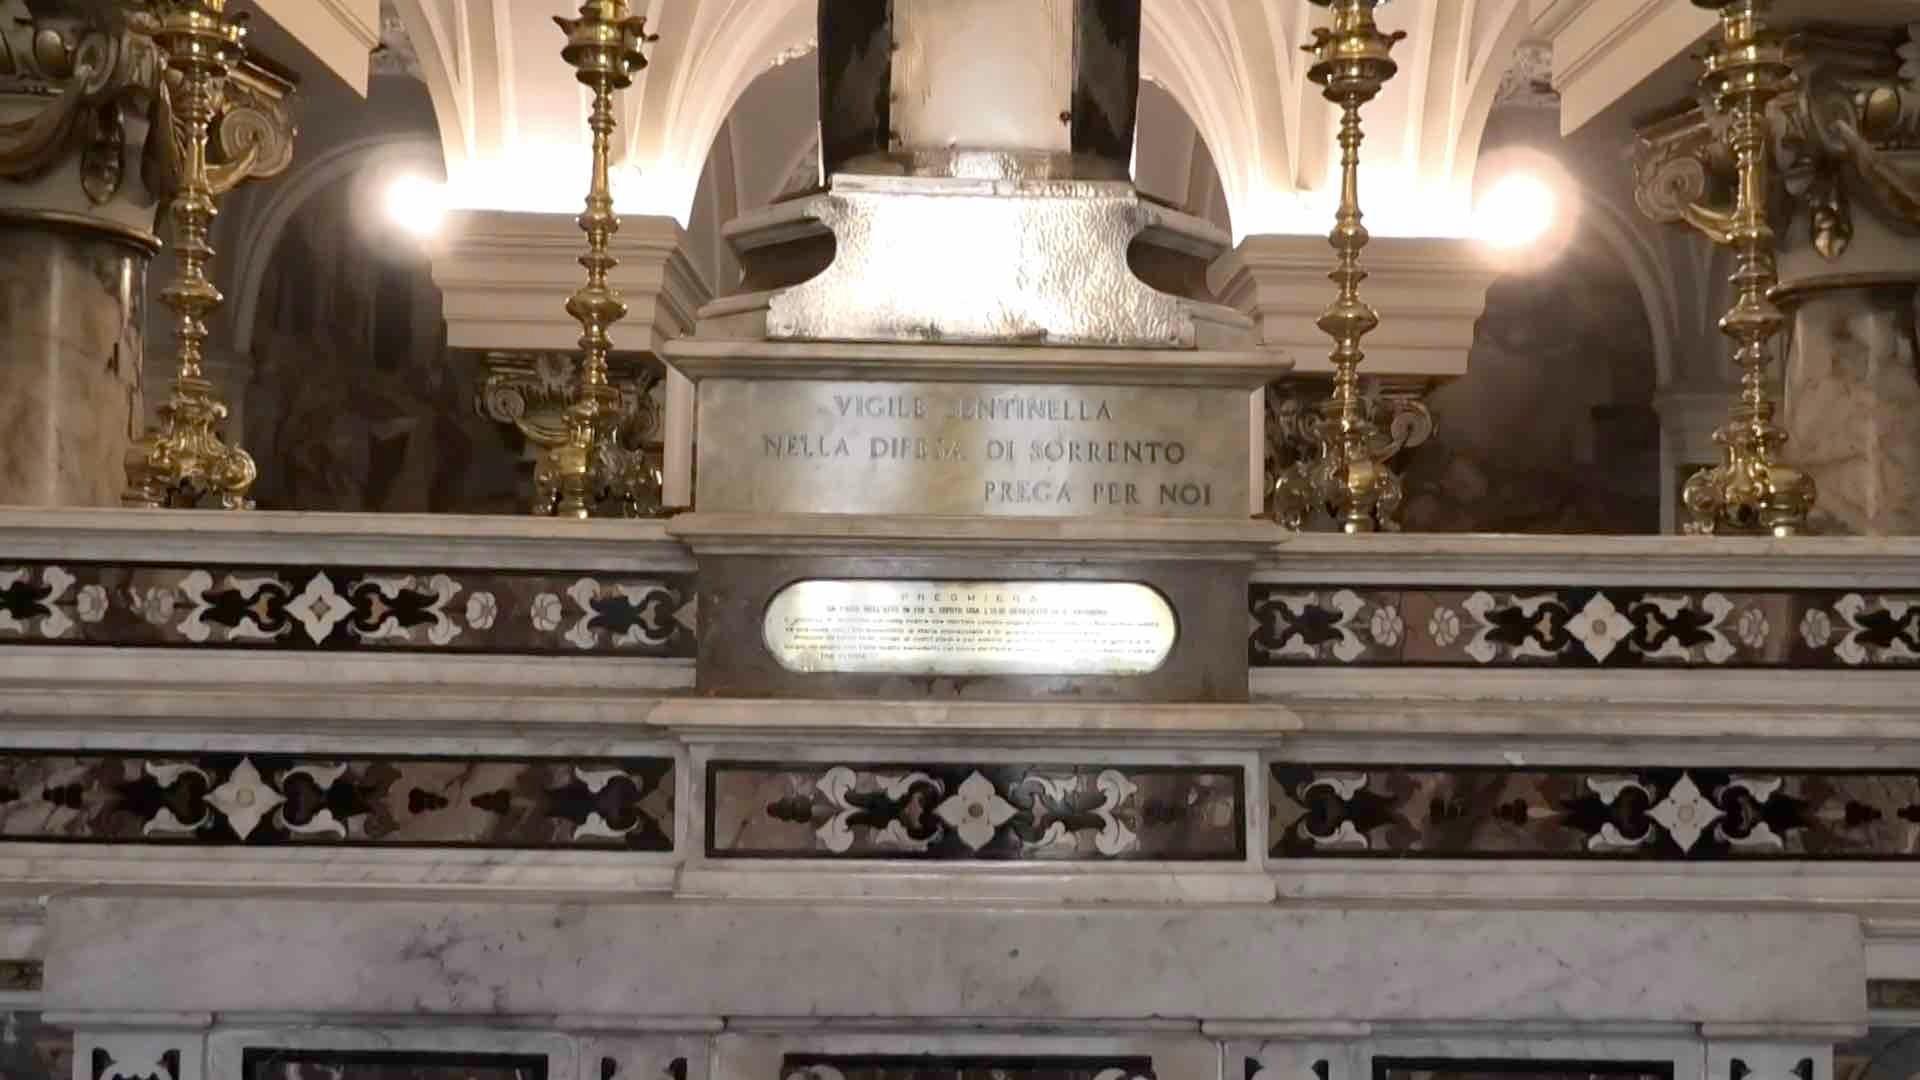 Basilica di Sant'Antonino e la storia del Patrono di Sorrento